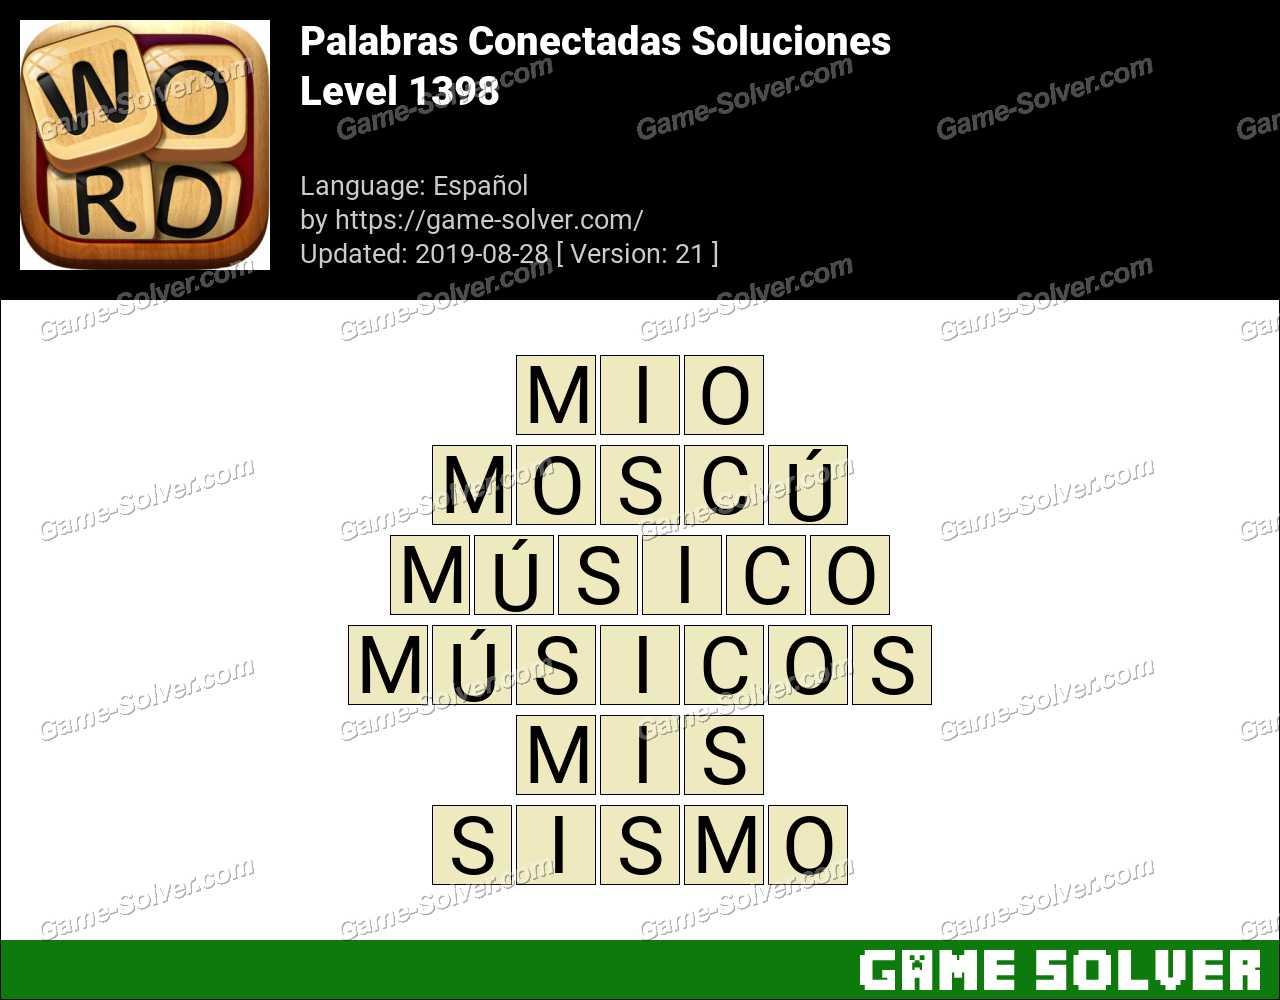 Palabras Conectadas Nivel 1398 Soluciones